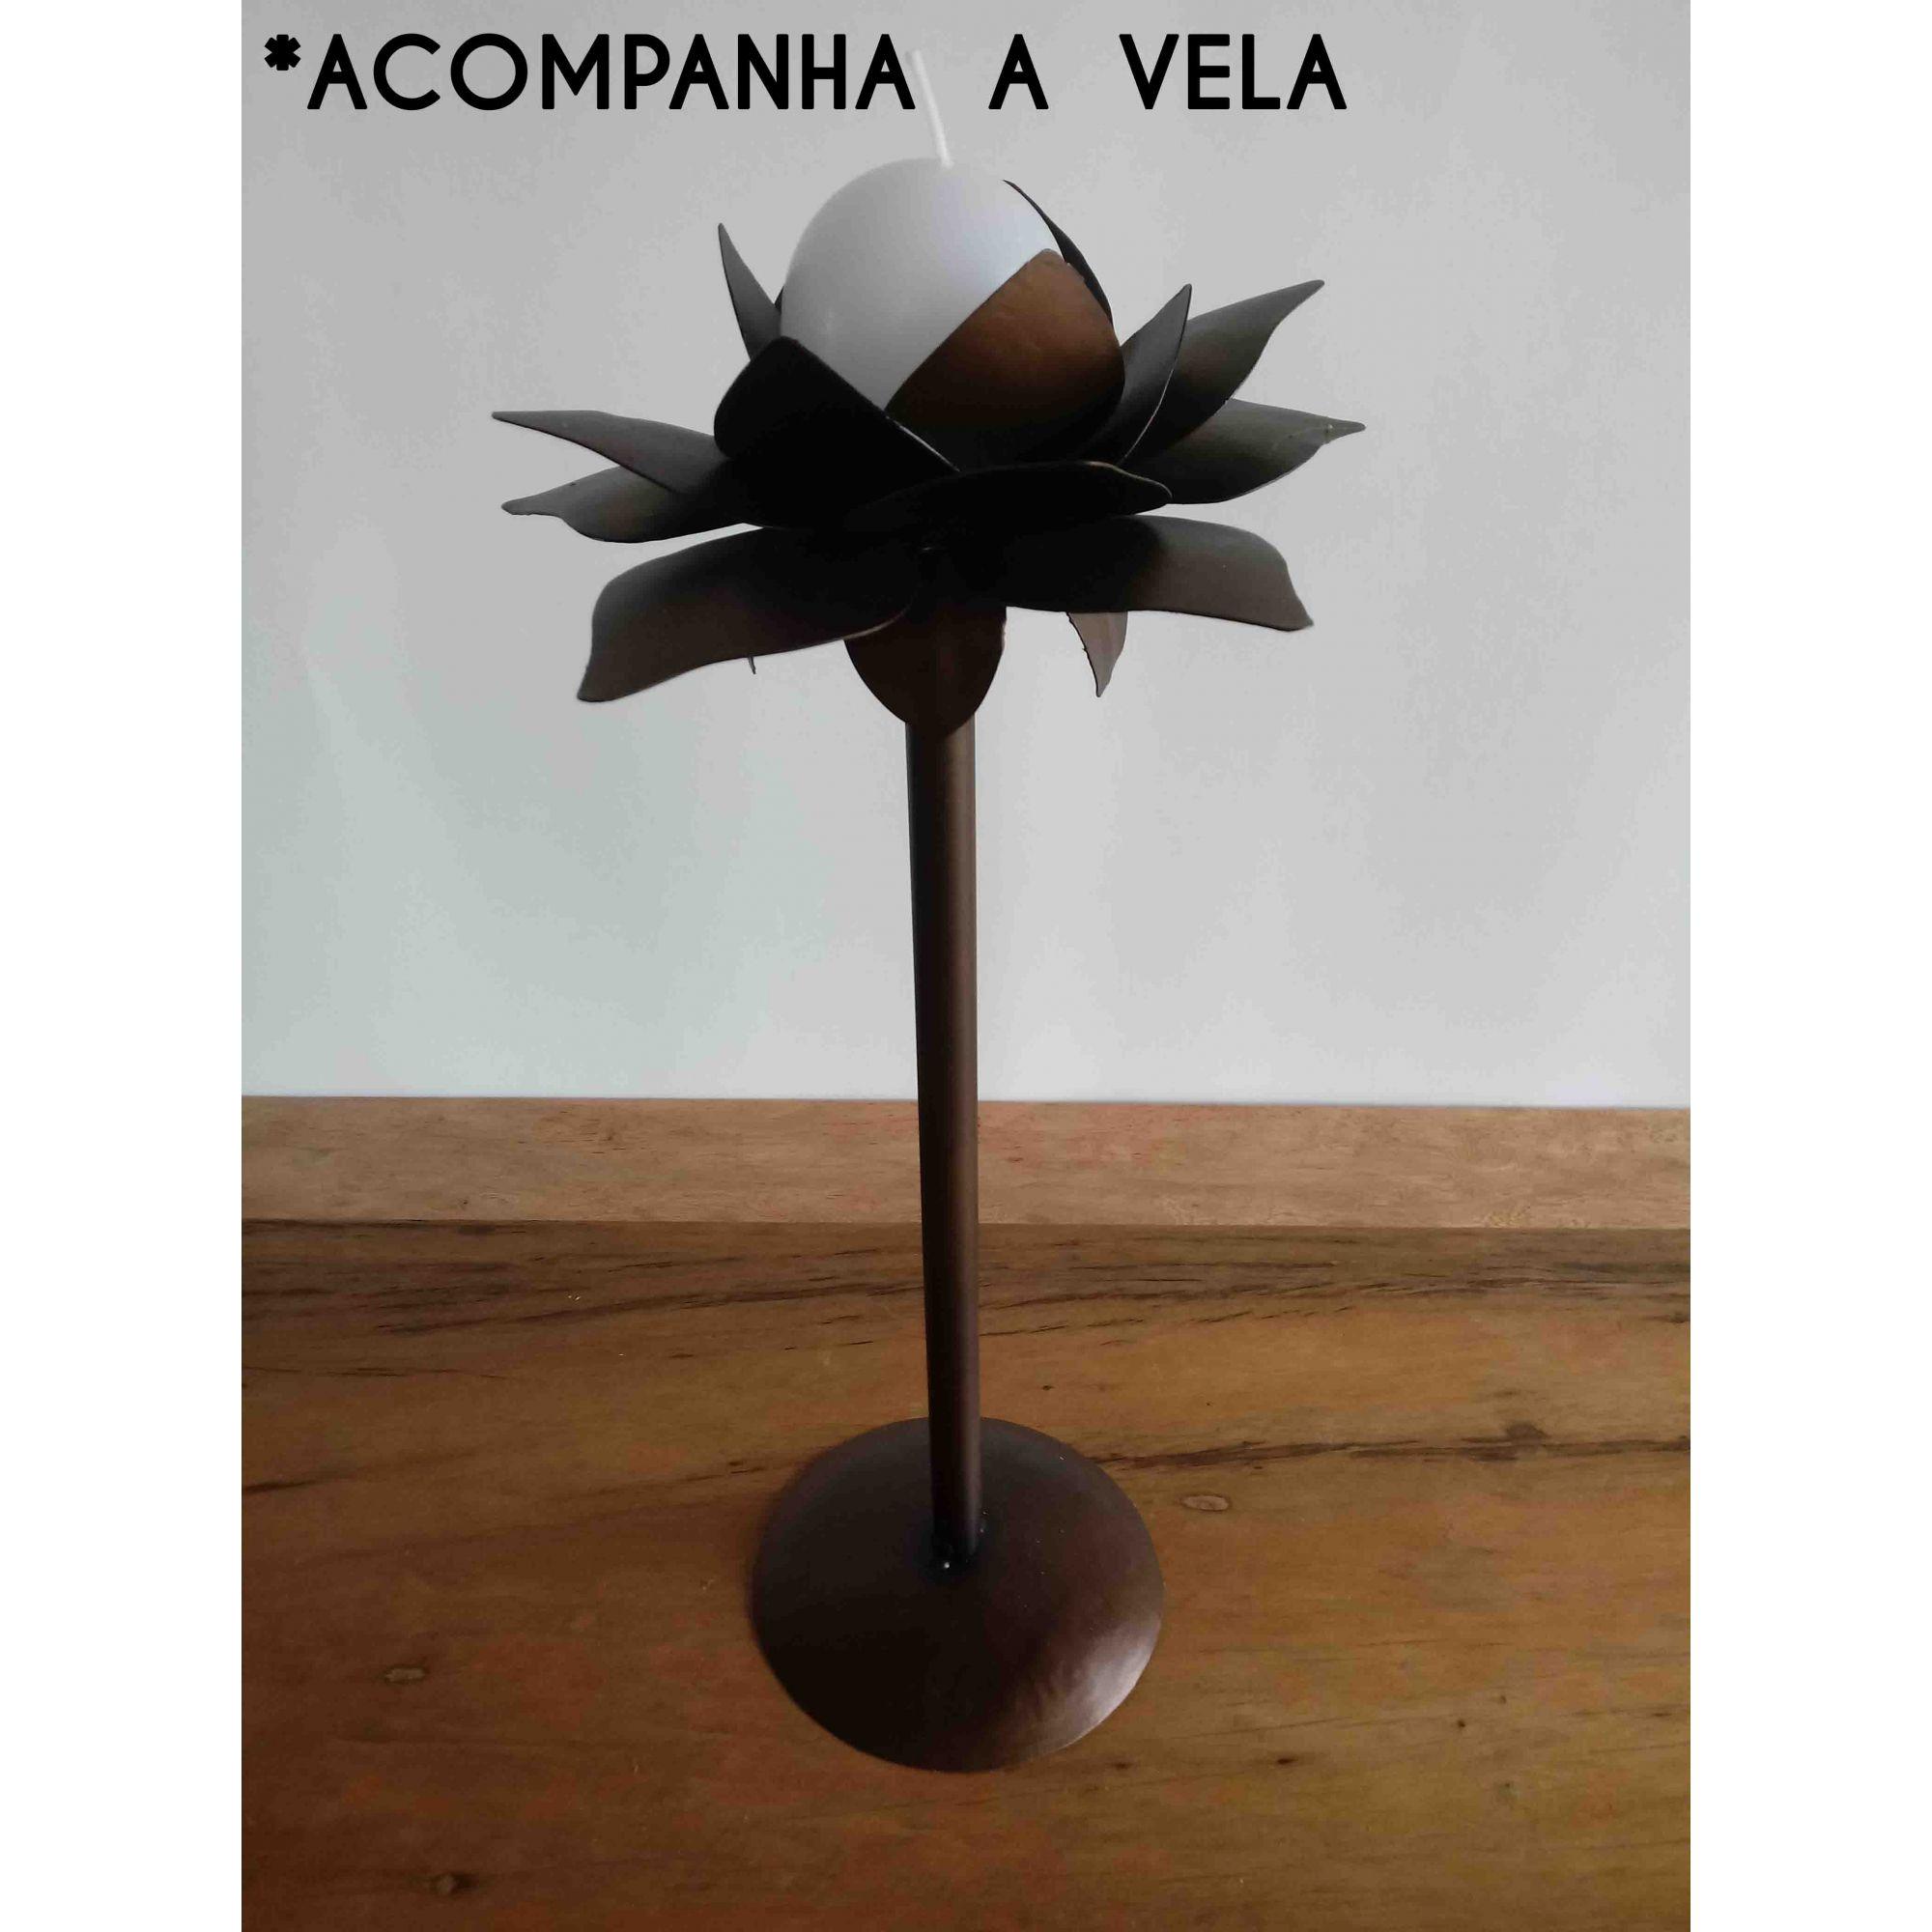 Lindo Presente Artesanal De Ferro Castiçal Para Vela Artesanato Mineiro